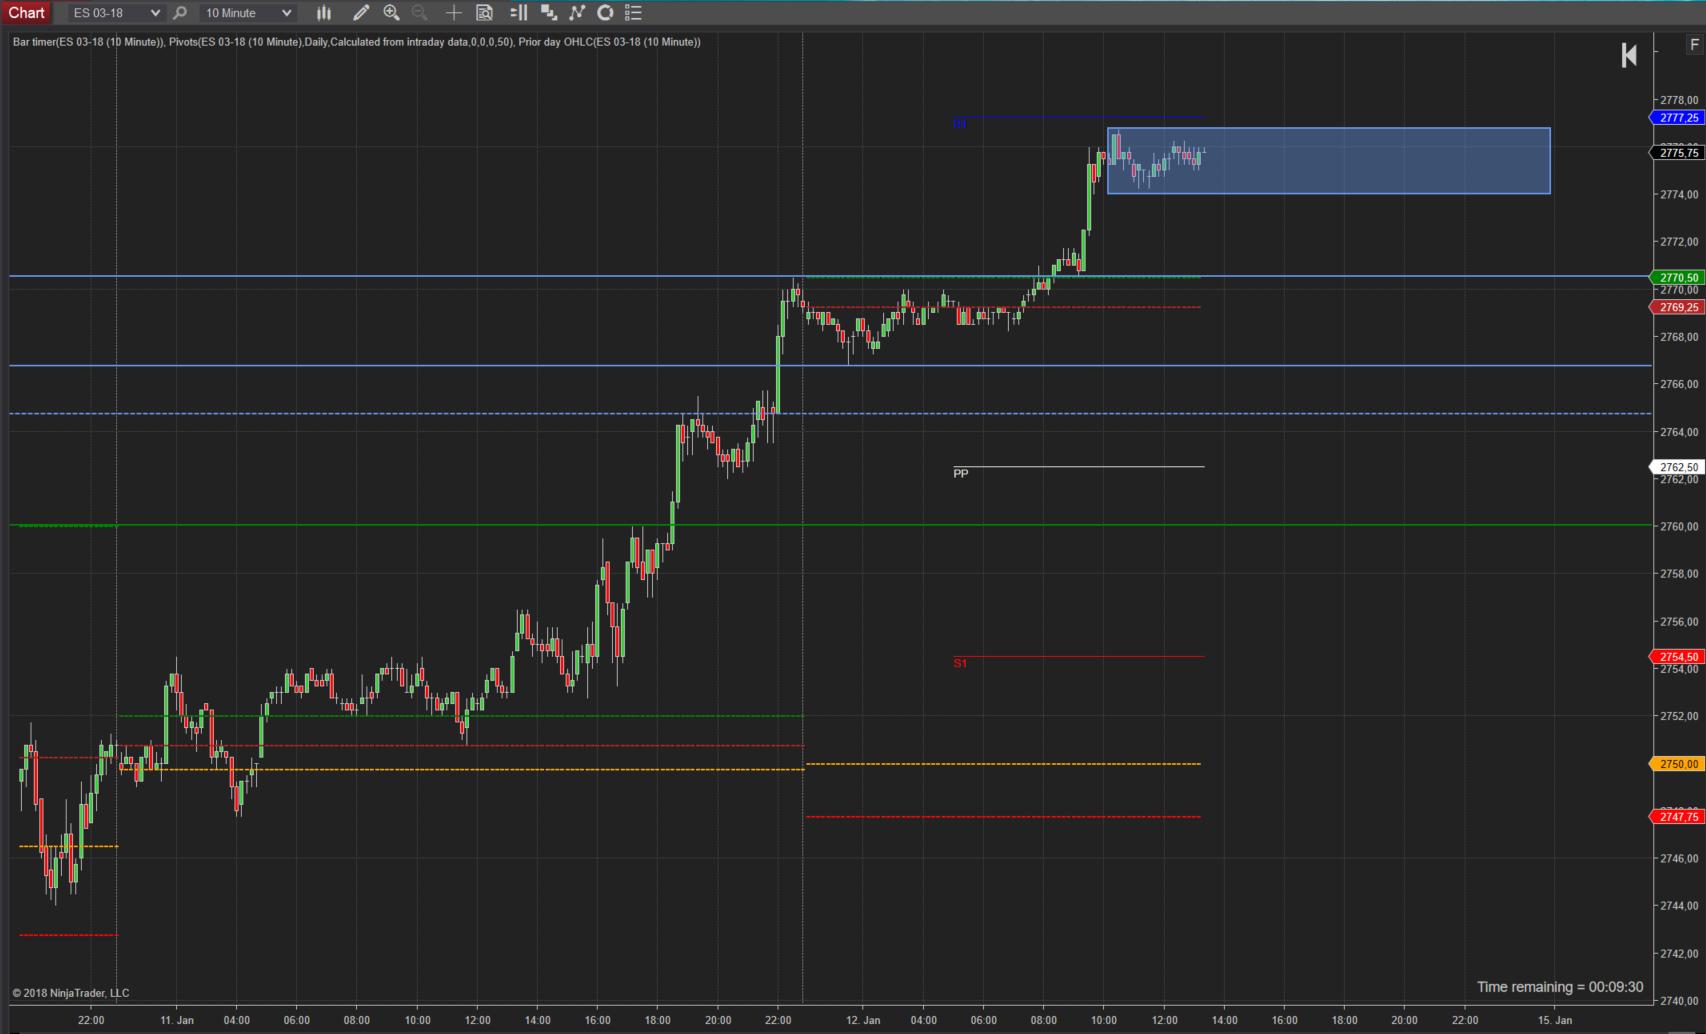 Trading im SP500 -Ausbruch Chartbild 10-Minuten (M10)